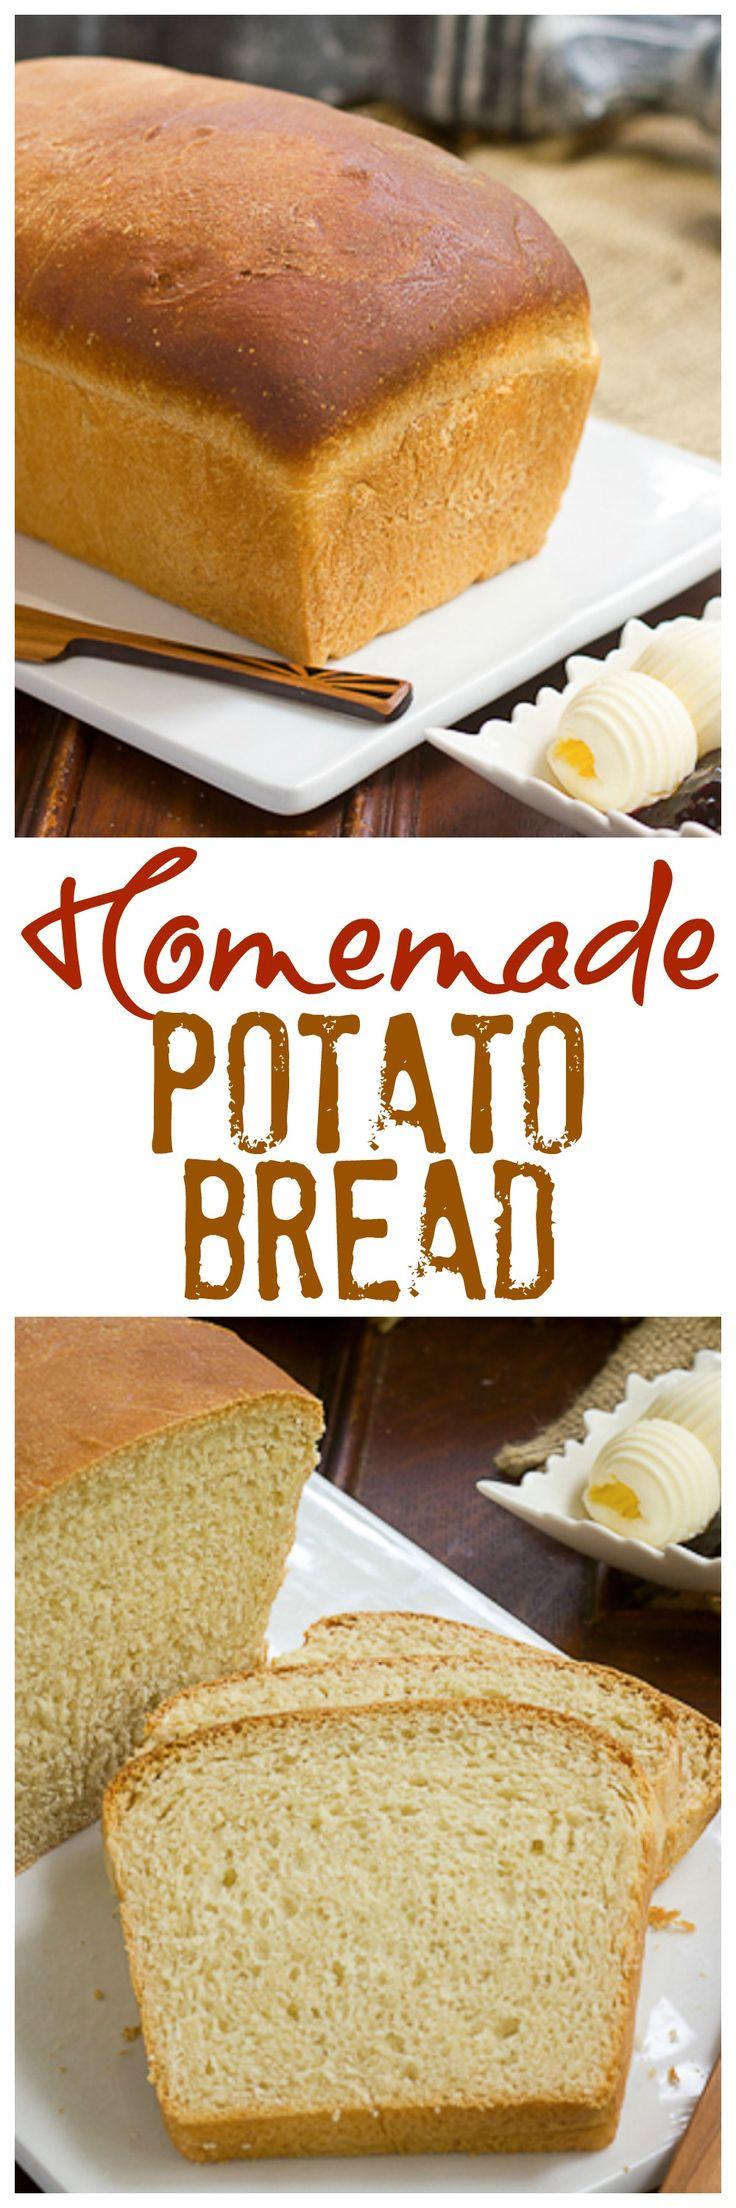 Potato Bread | The ultimate sandwich bread! @lizzydo